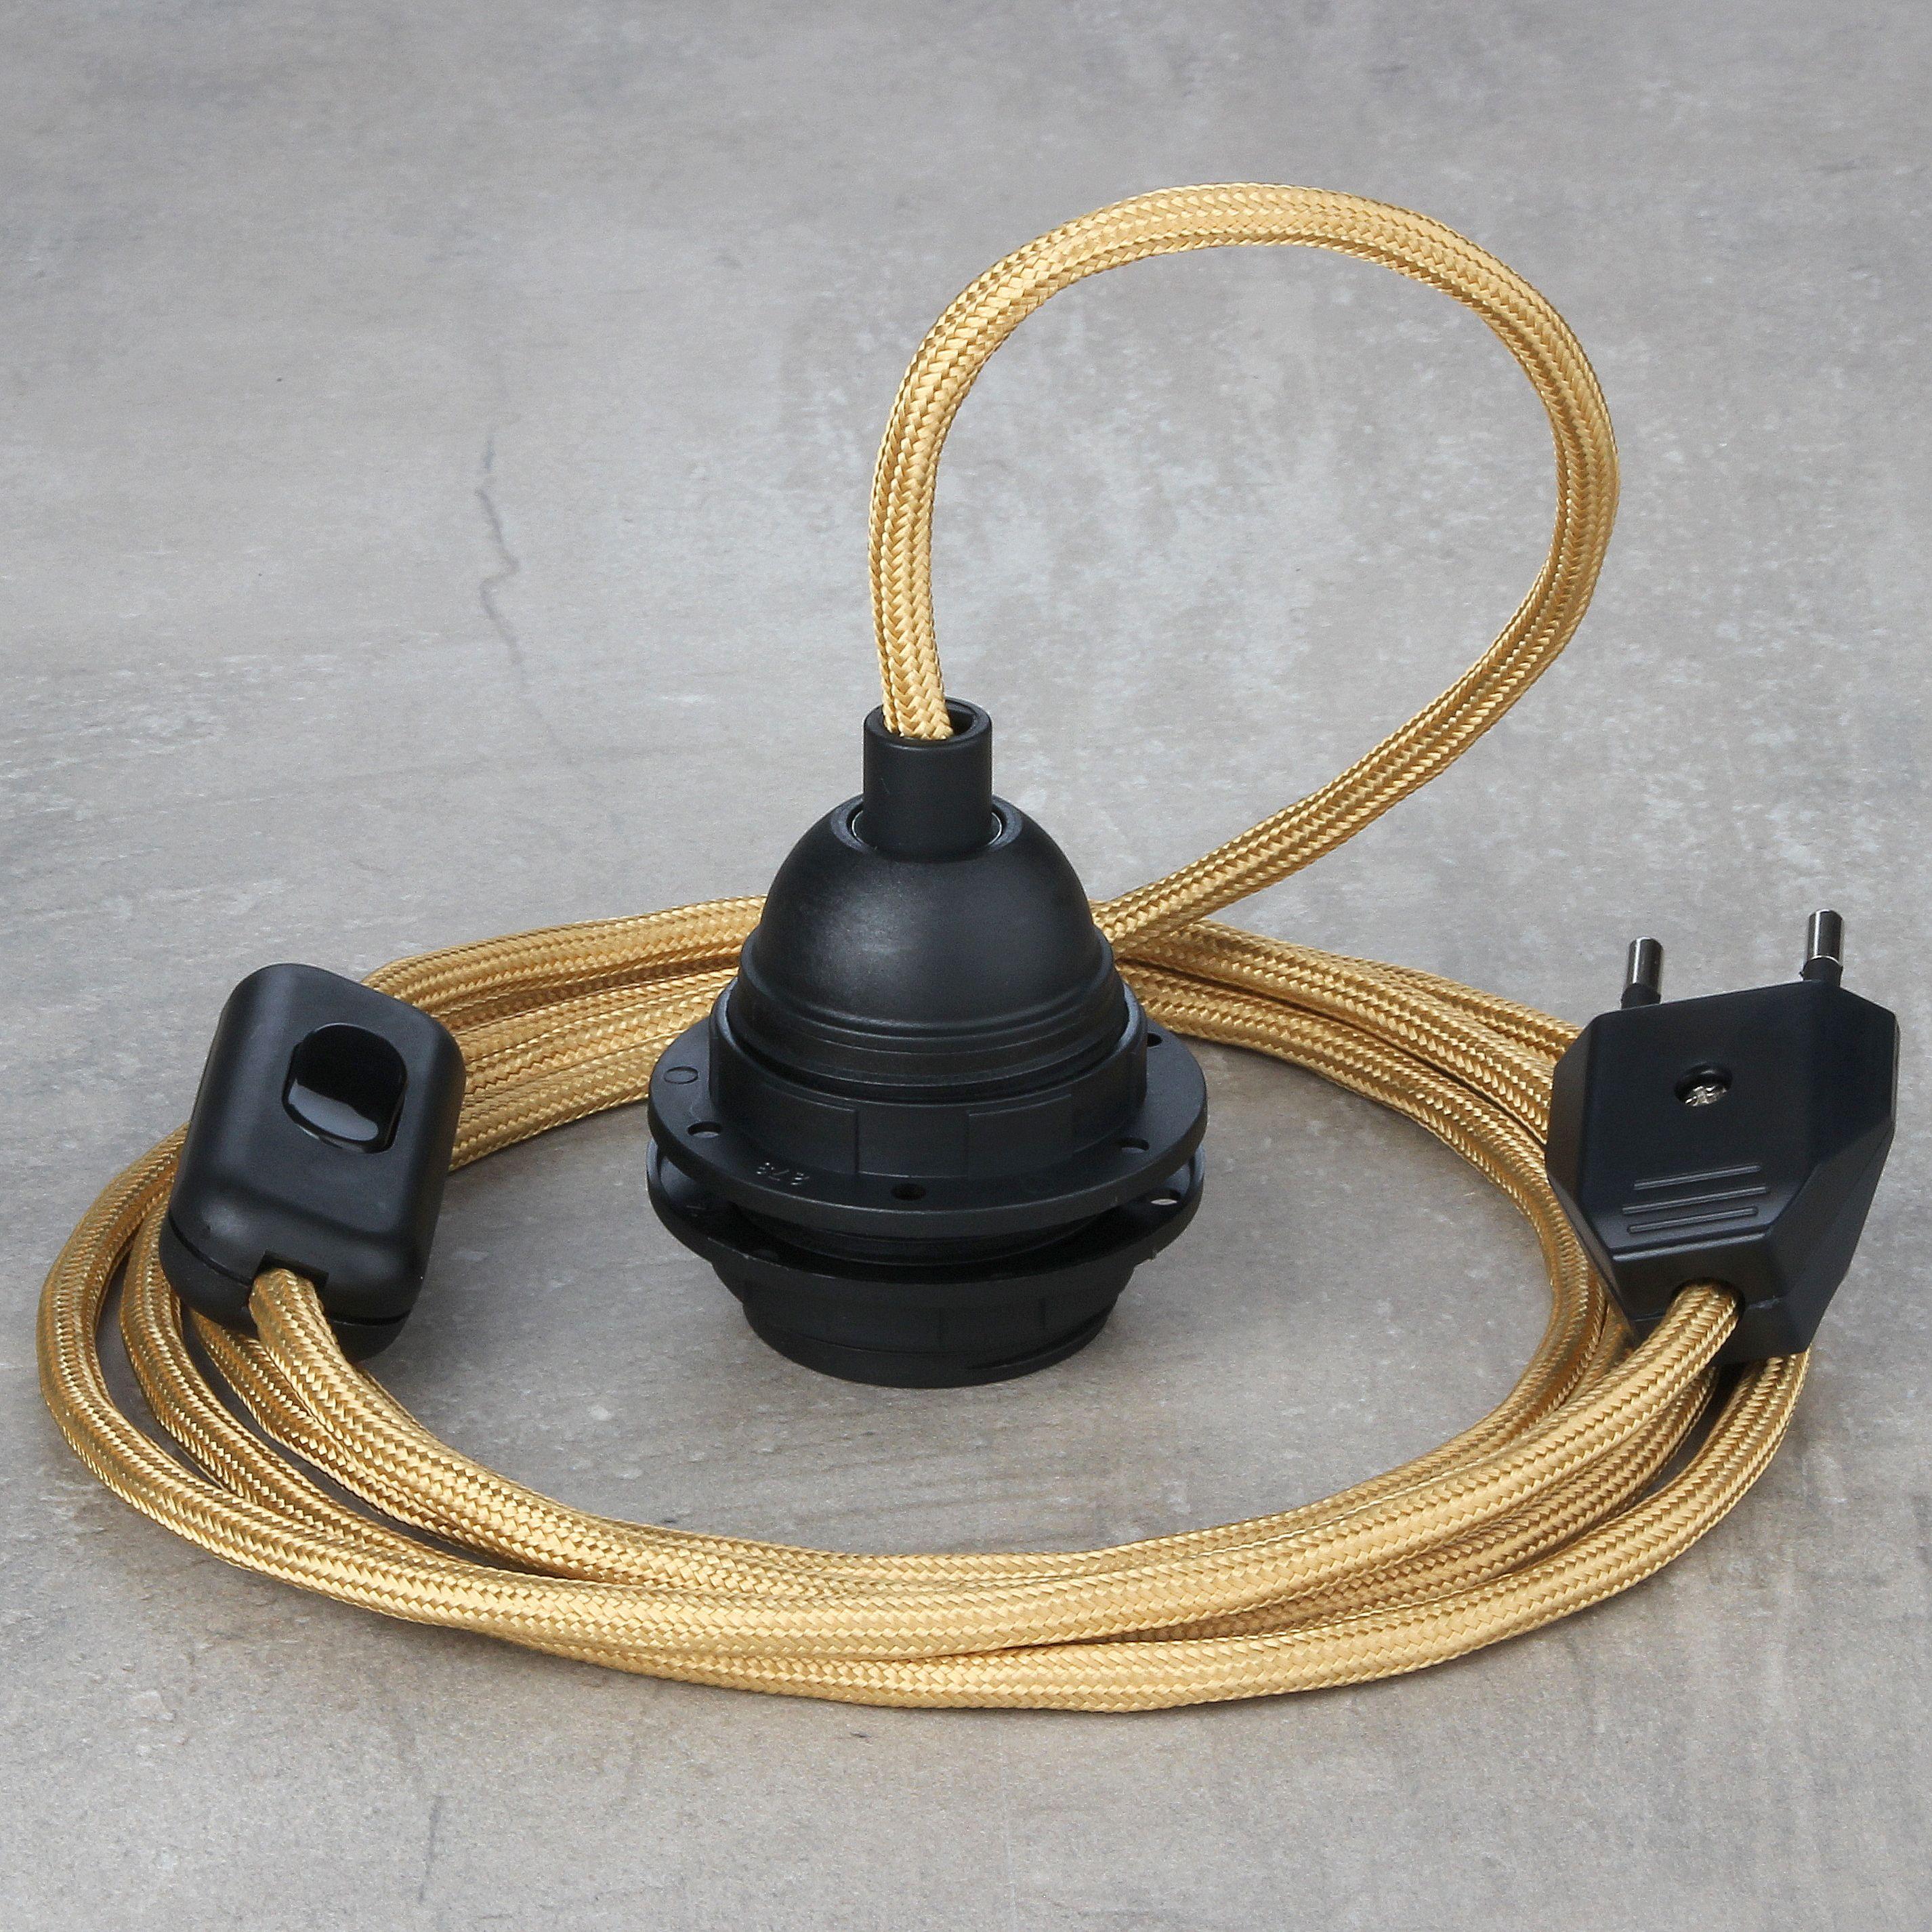 Textilkabel Pendel Gold Mit E27 Fassung Online Kaufen 26 27 A Textilkabel Pendel Kabel